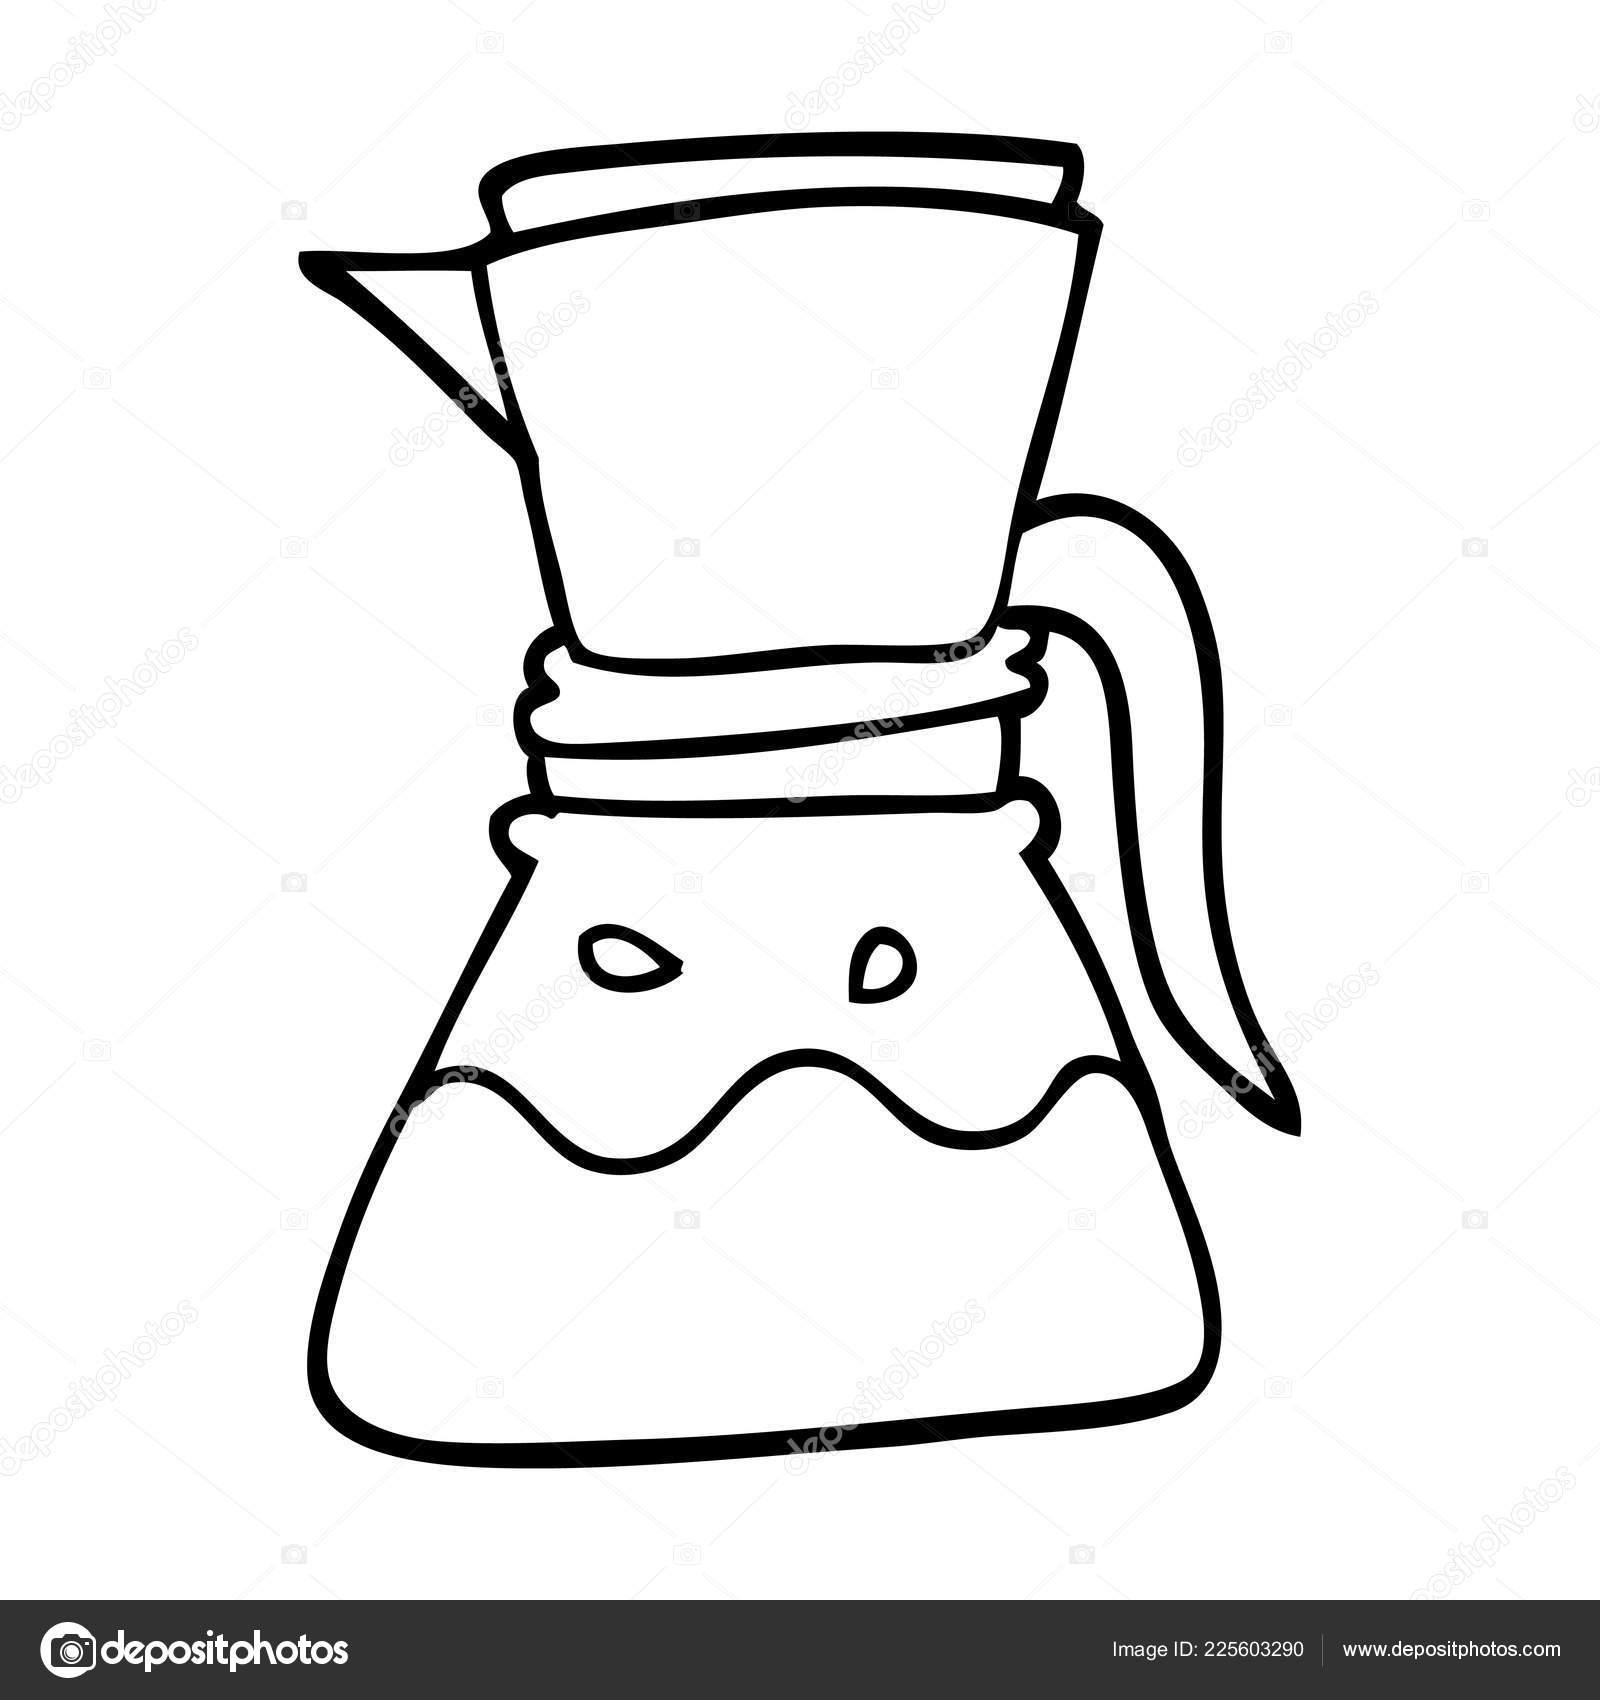 Maquina Cafe Filtro Linha Desenho Desenhos Animados Vetor De